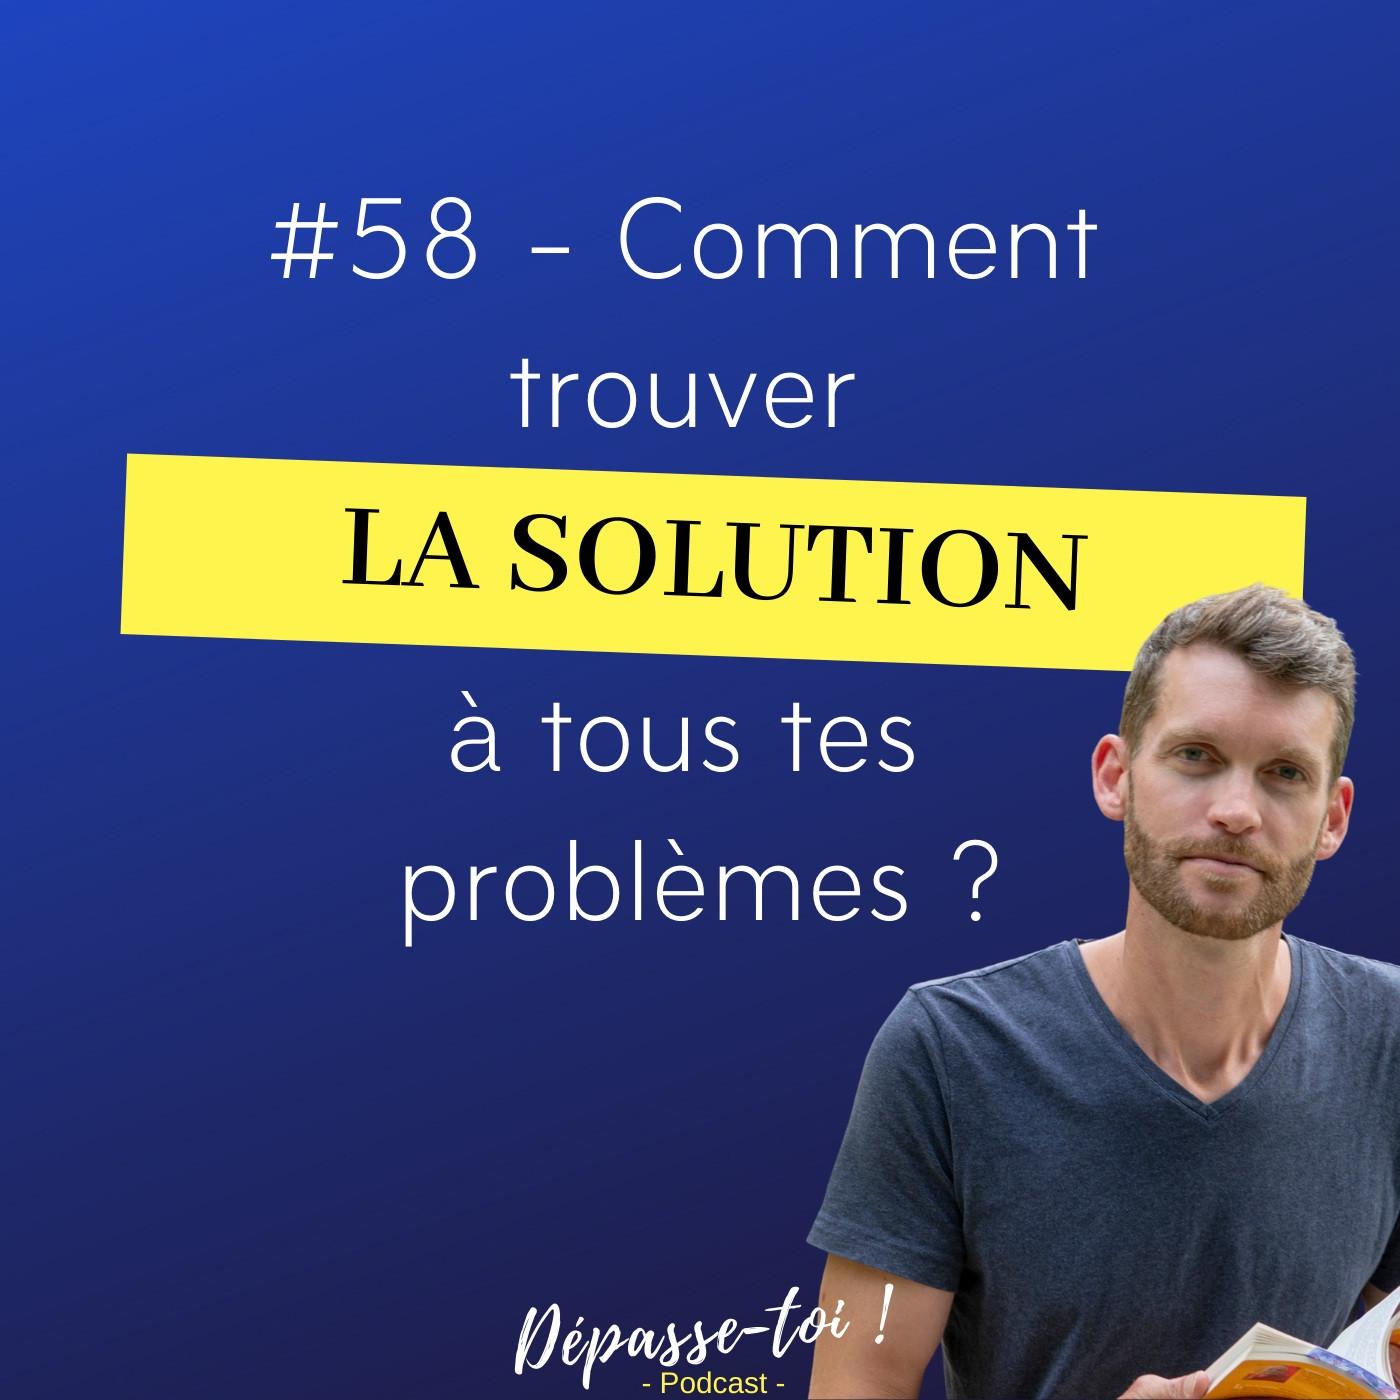 #58 - Comment trouver la solution à tous tes problèmes ?